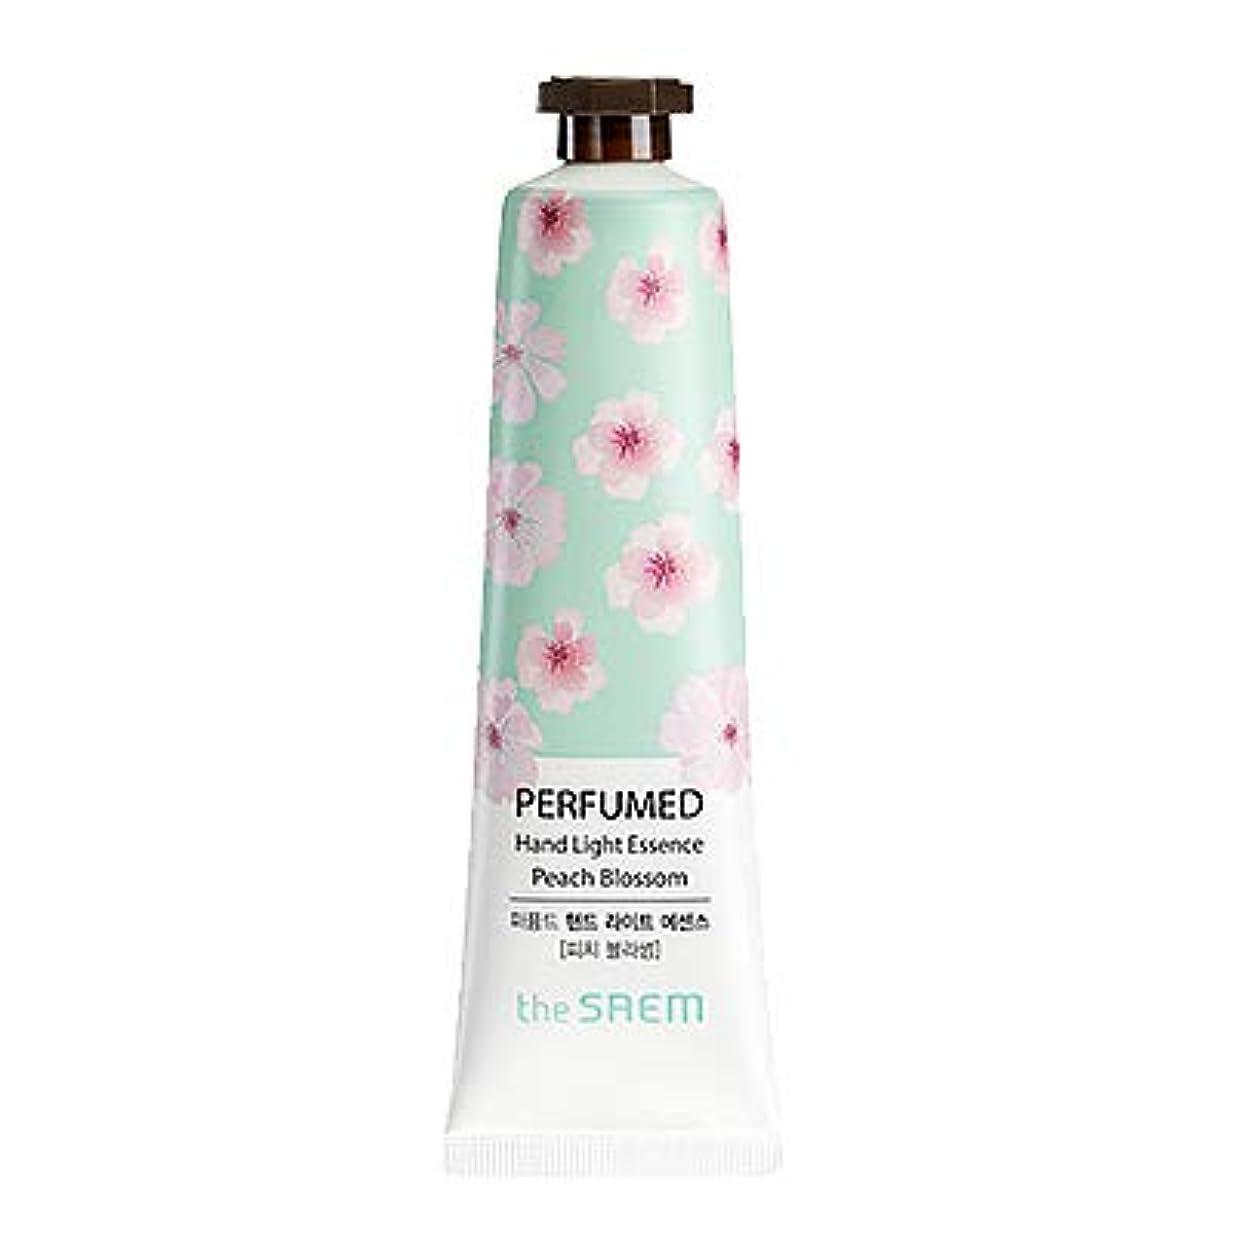 打撃馬力保証するtheSAEM ザセム パヒューム ハンド ライト エッセンス ハンドクリーム PERFUMED HAND LIGHT ESSENCE 韓国コスメ (E-Peach Blossom(ピーチブロッサム))